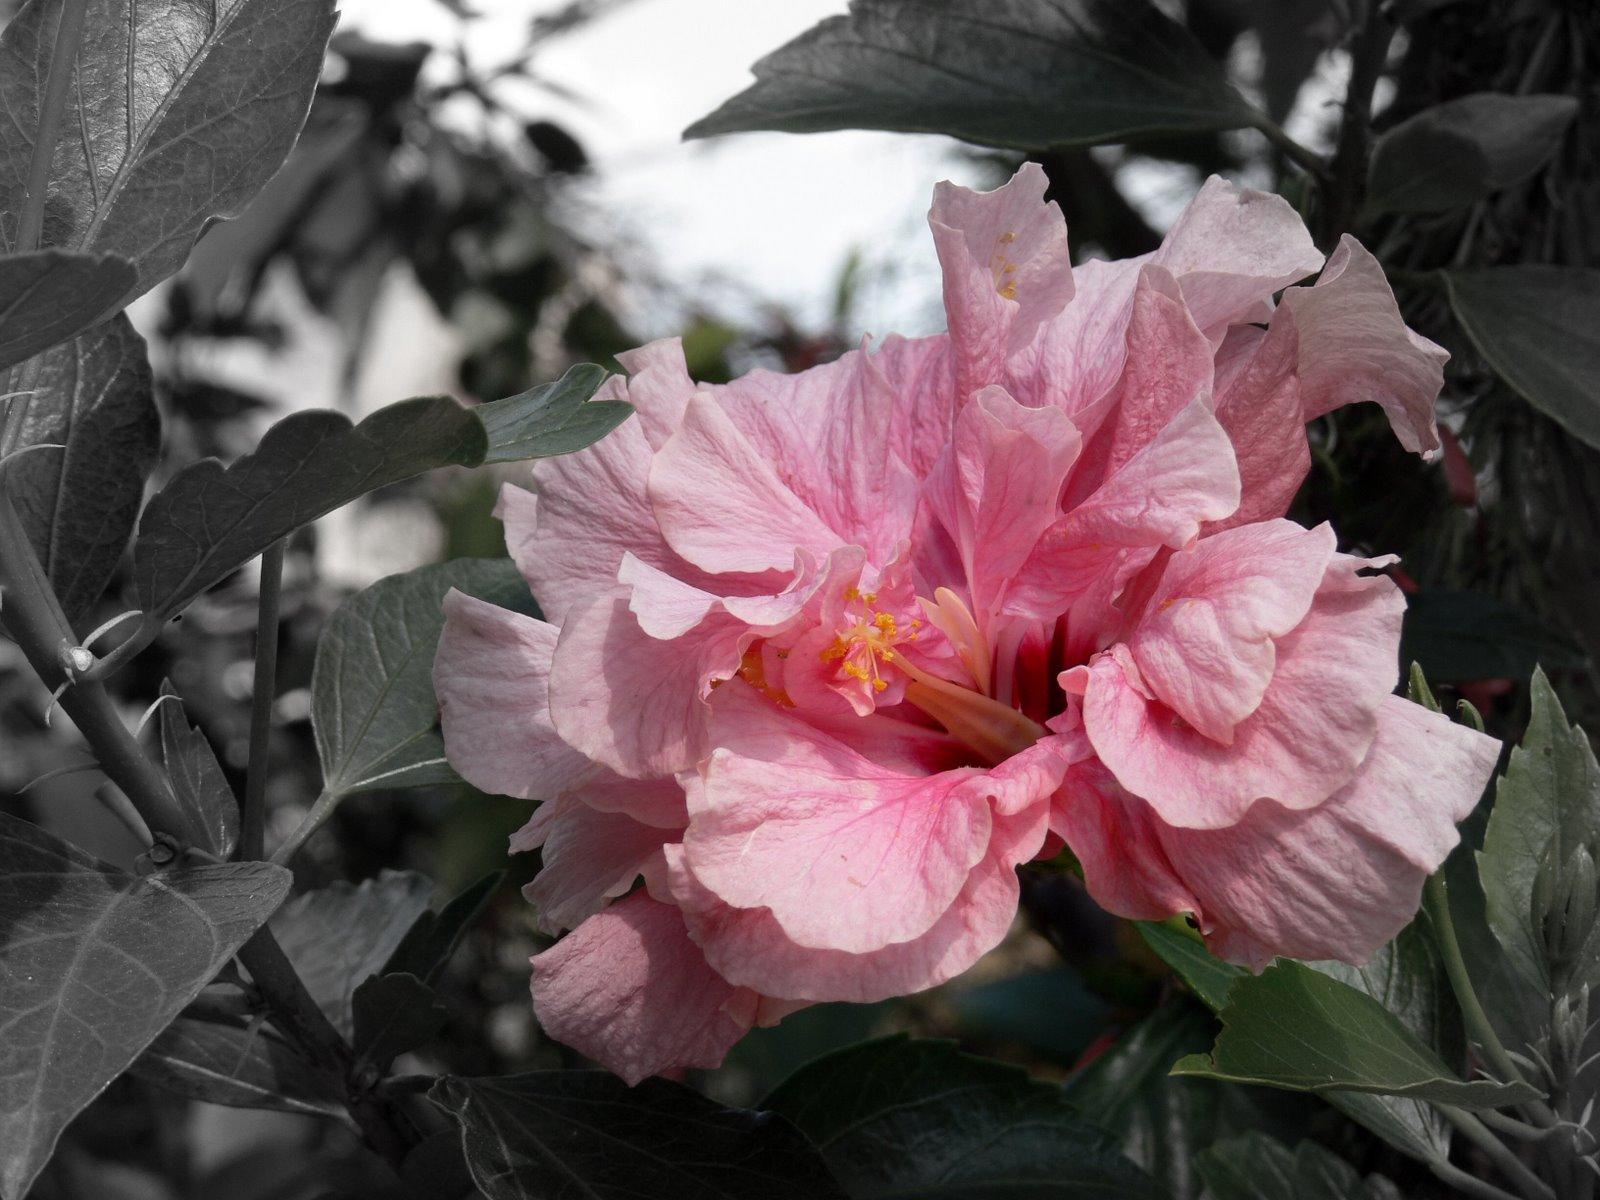 [pinkflowerblur.jpg]